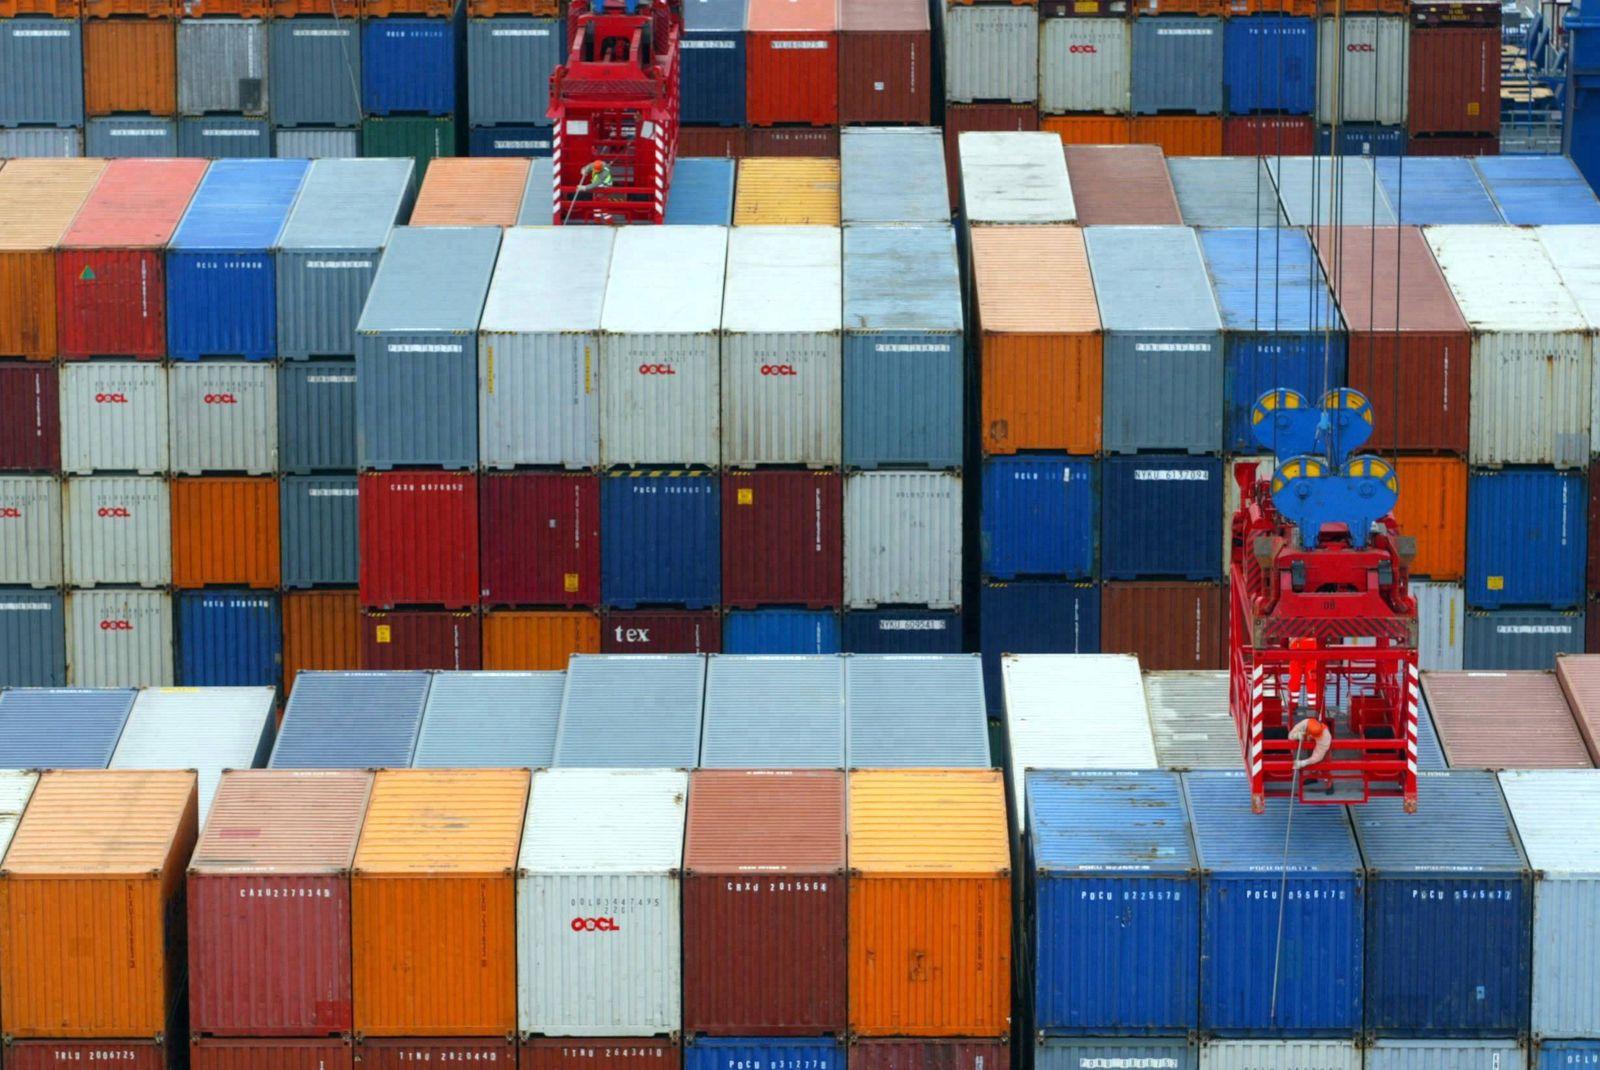 NICHT VERWENDEN container shipping